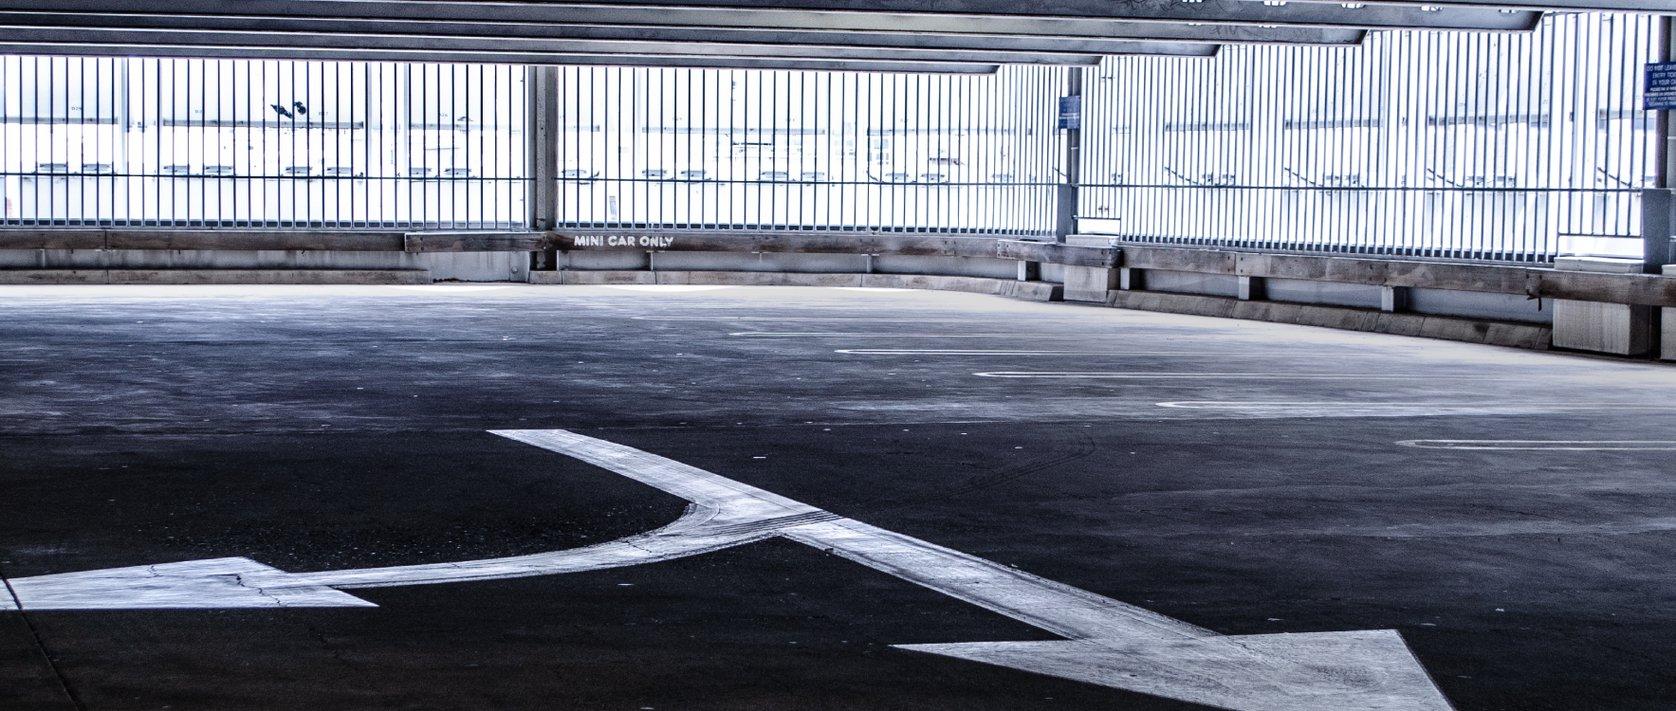 Wherever Sex Happens Parking Lot